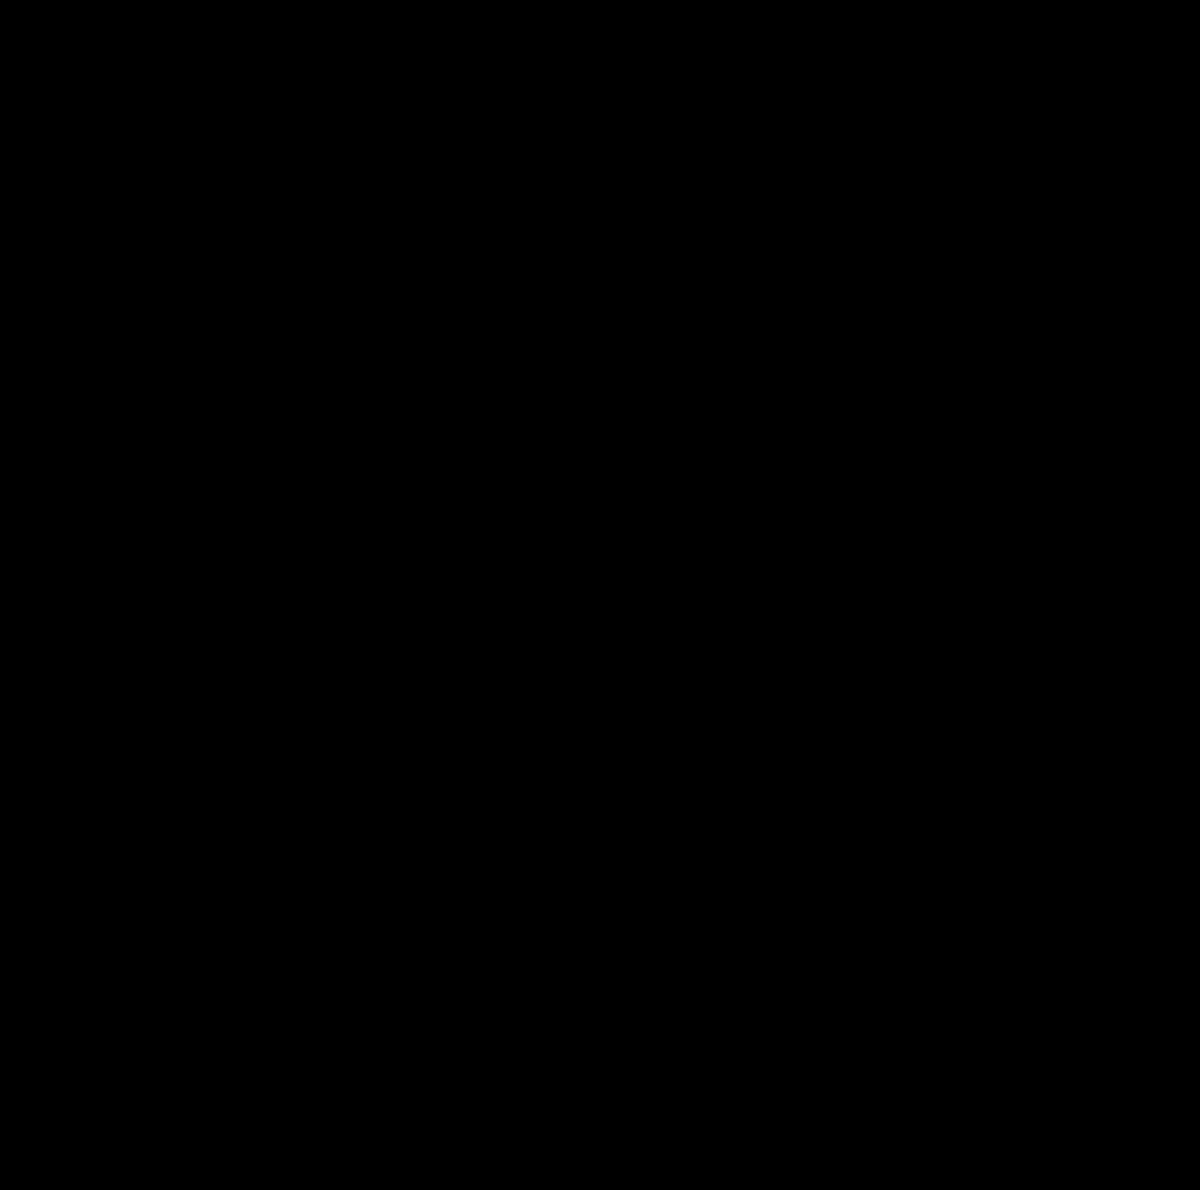 ABP-Watermark-80%-Black-large.png